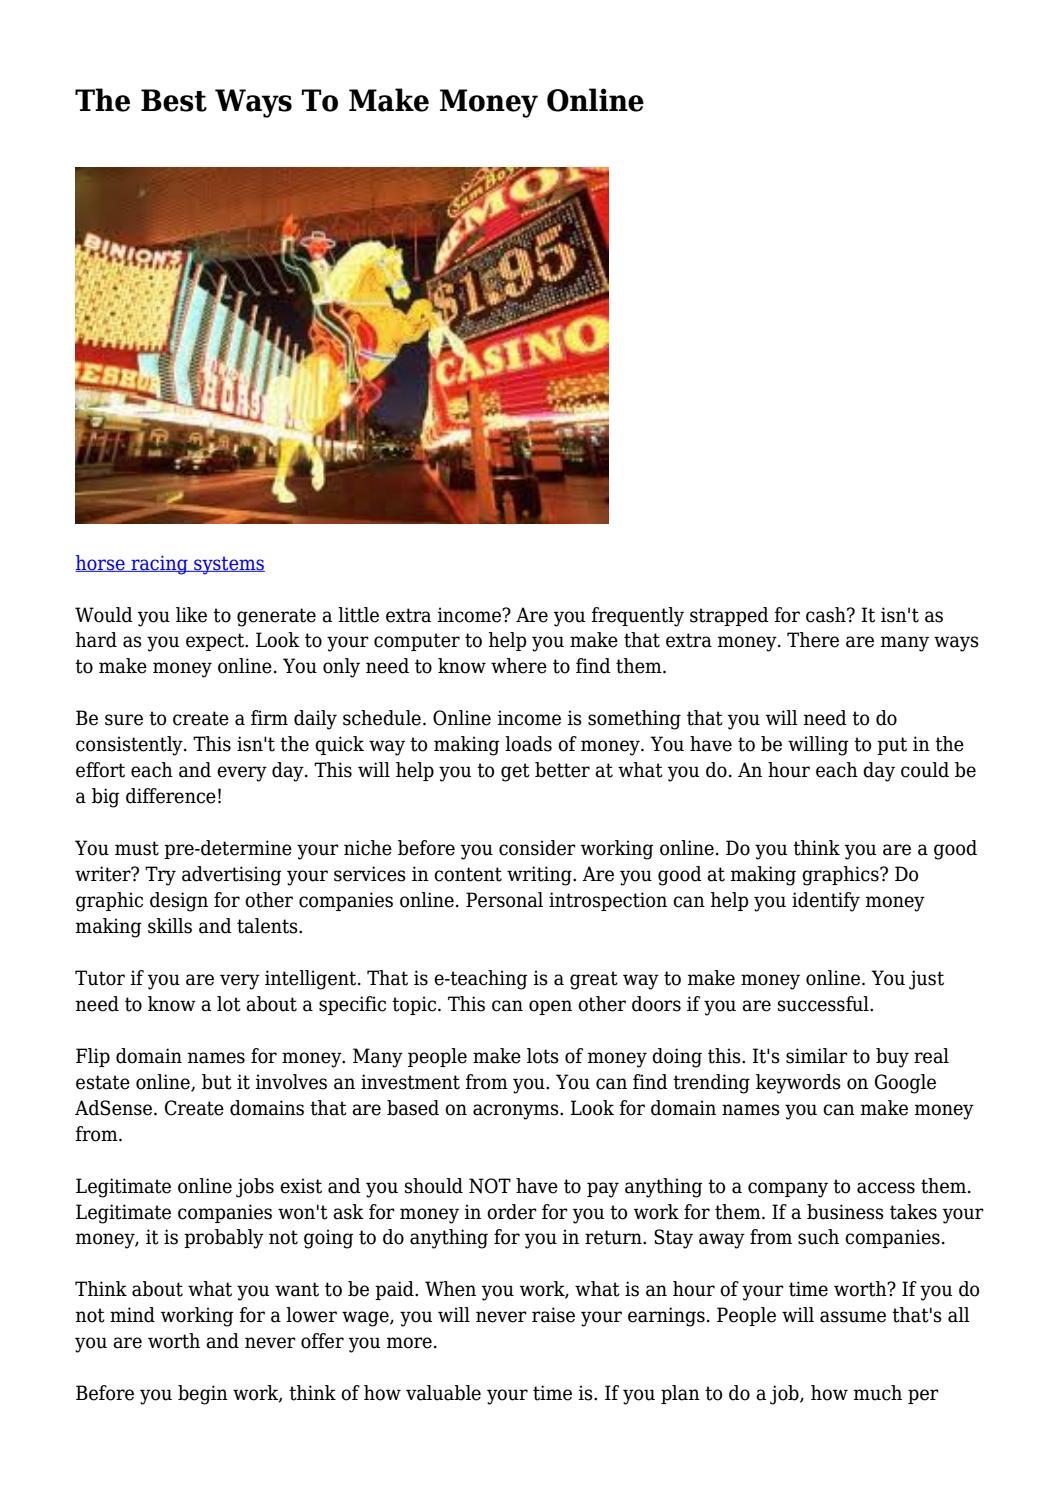 the best ways to make money online by marcelketchersid6875 issuu